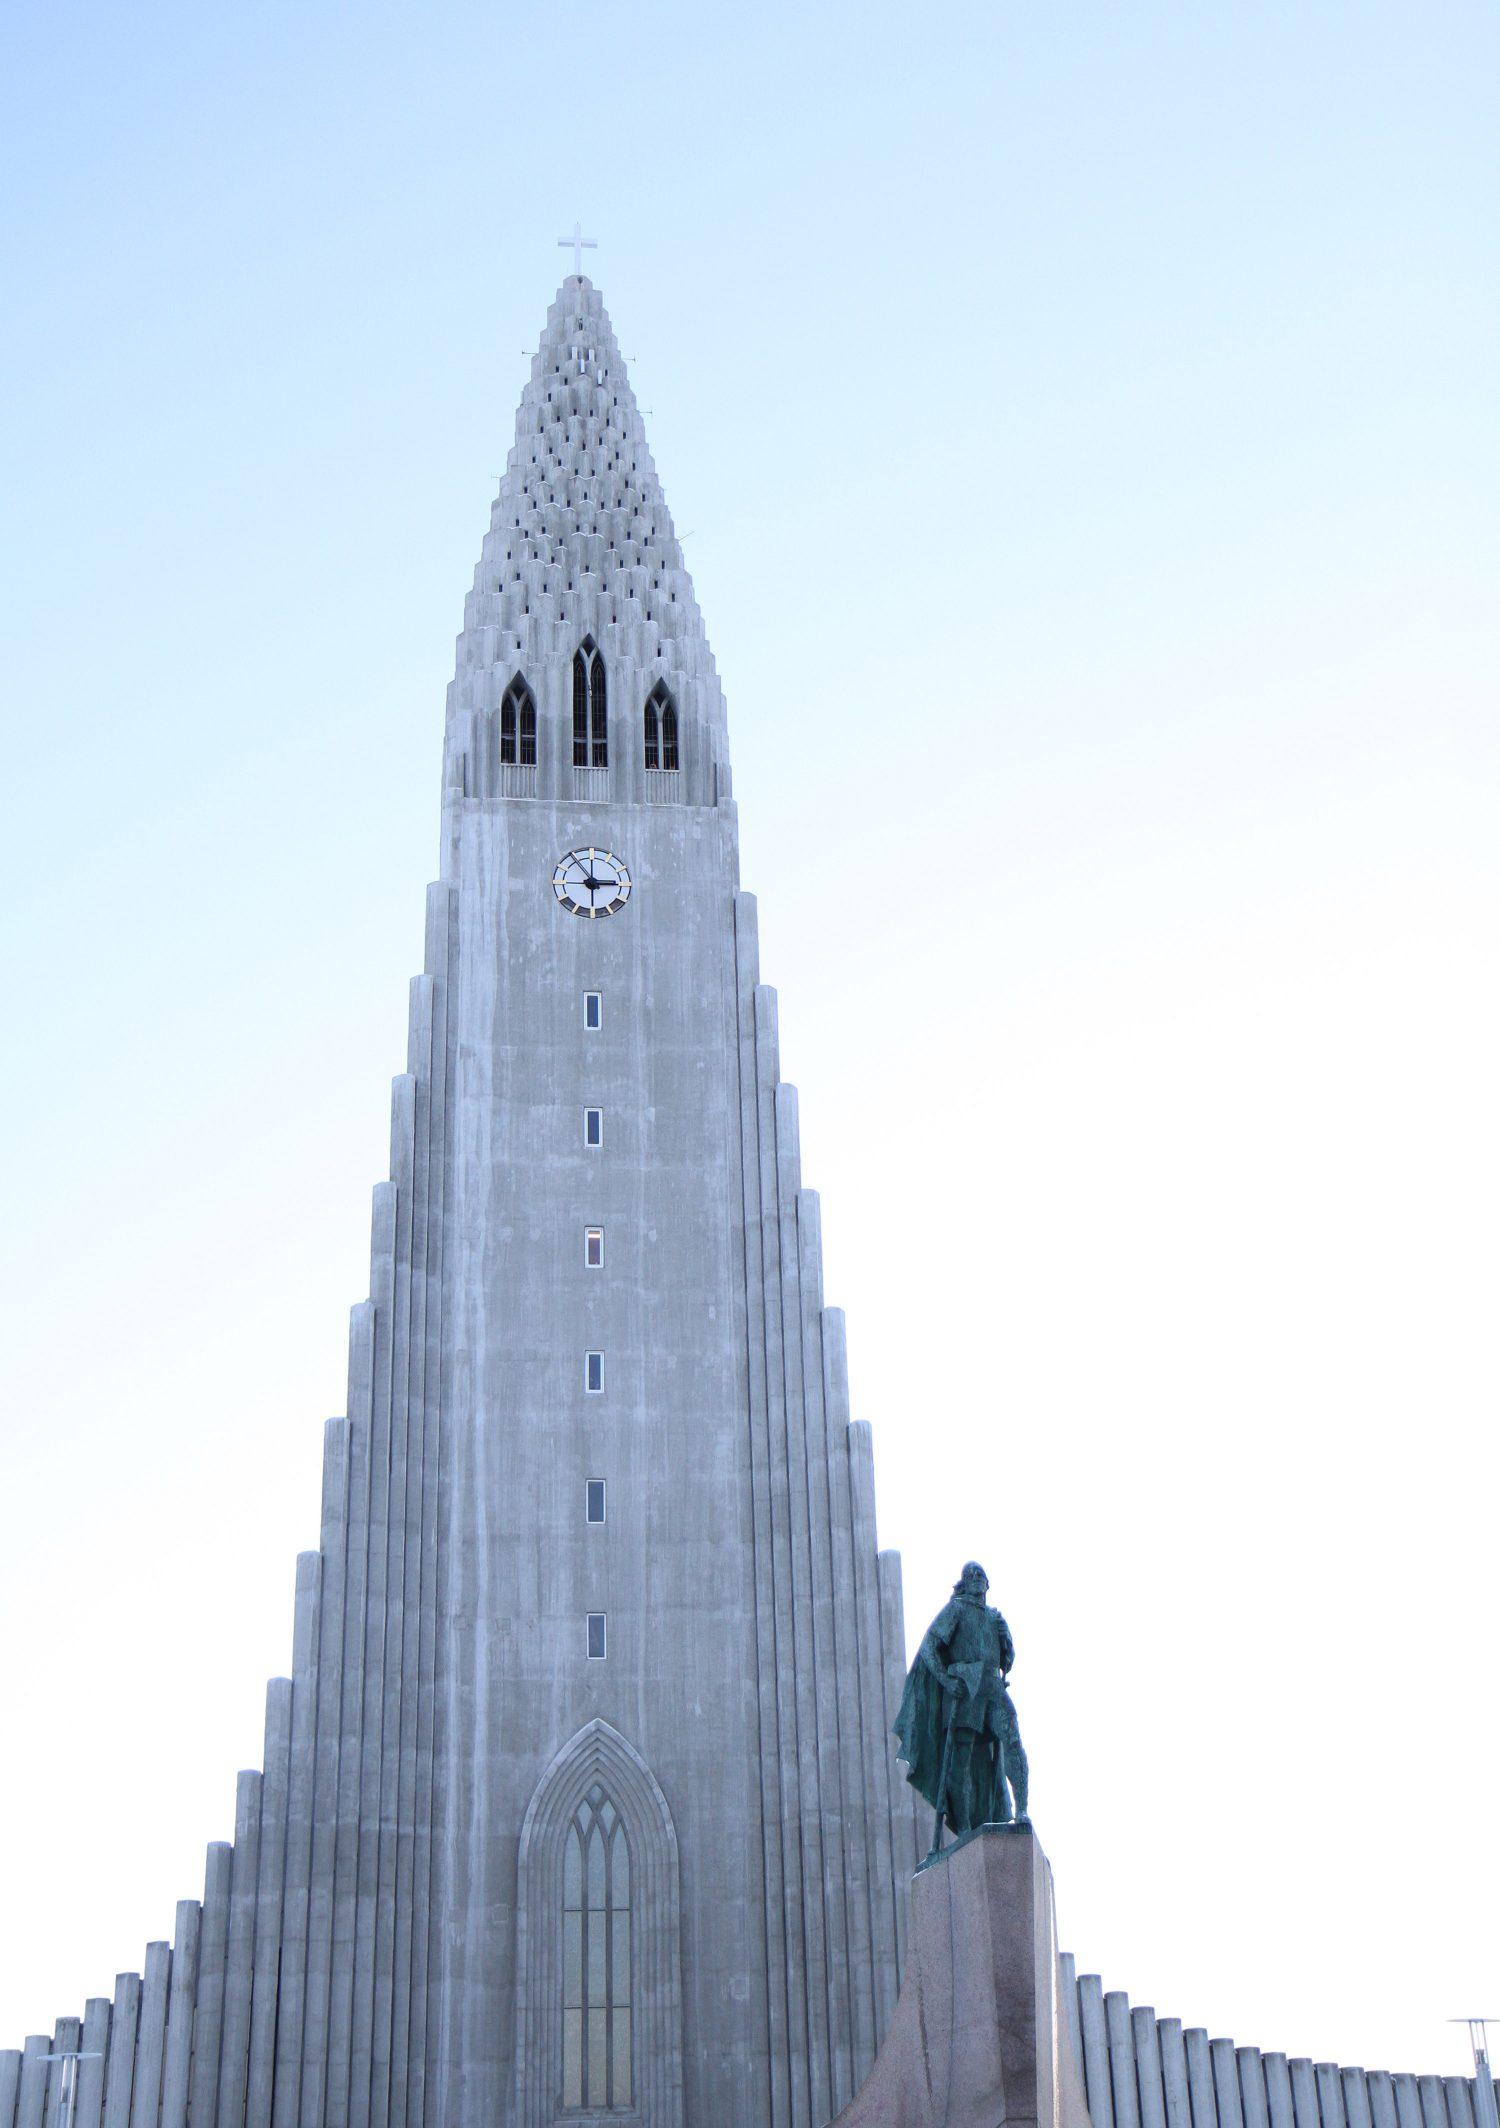 église de hallgrimskirkja à Reykjavik